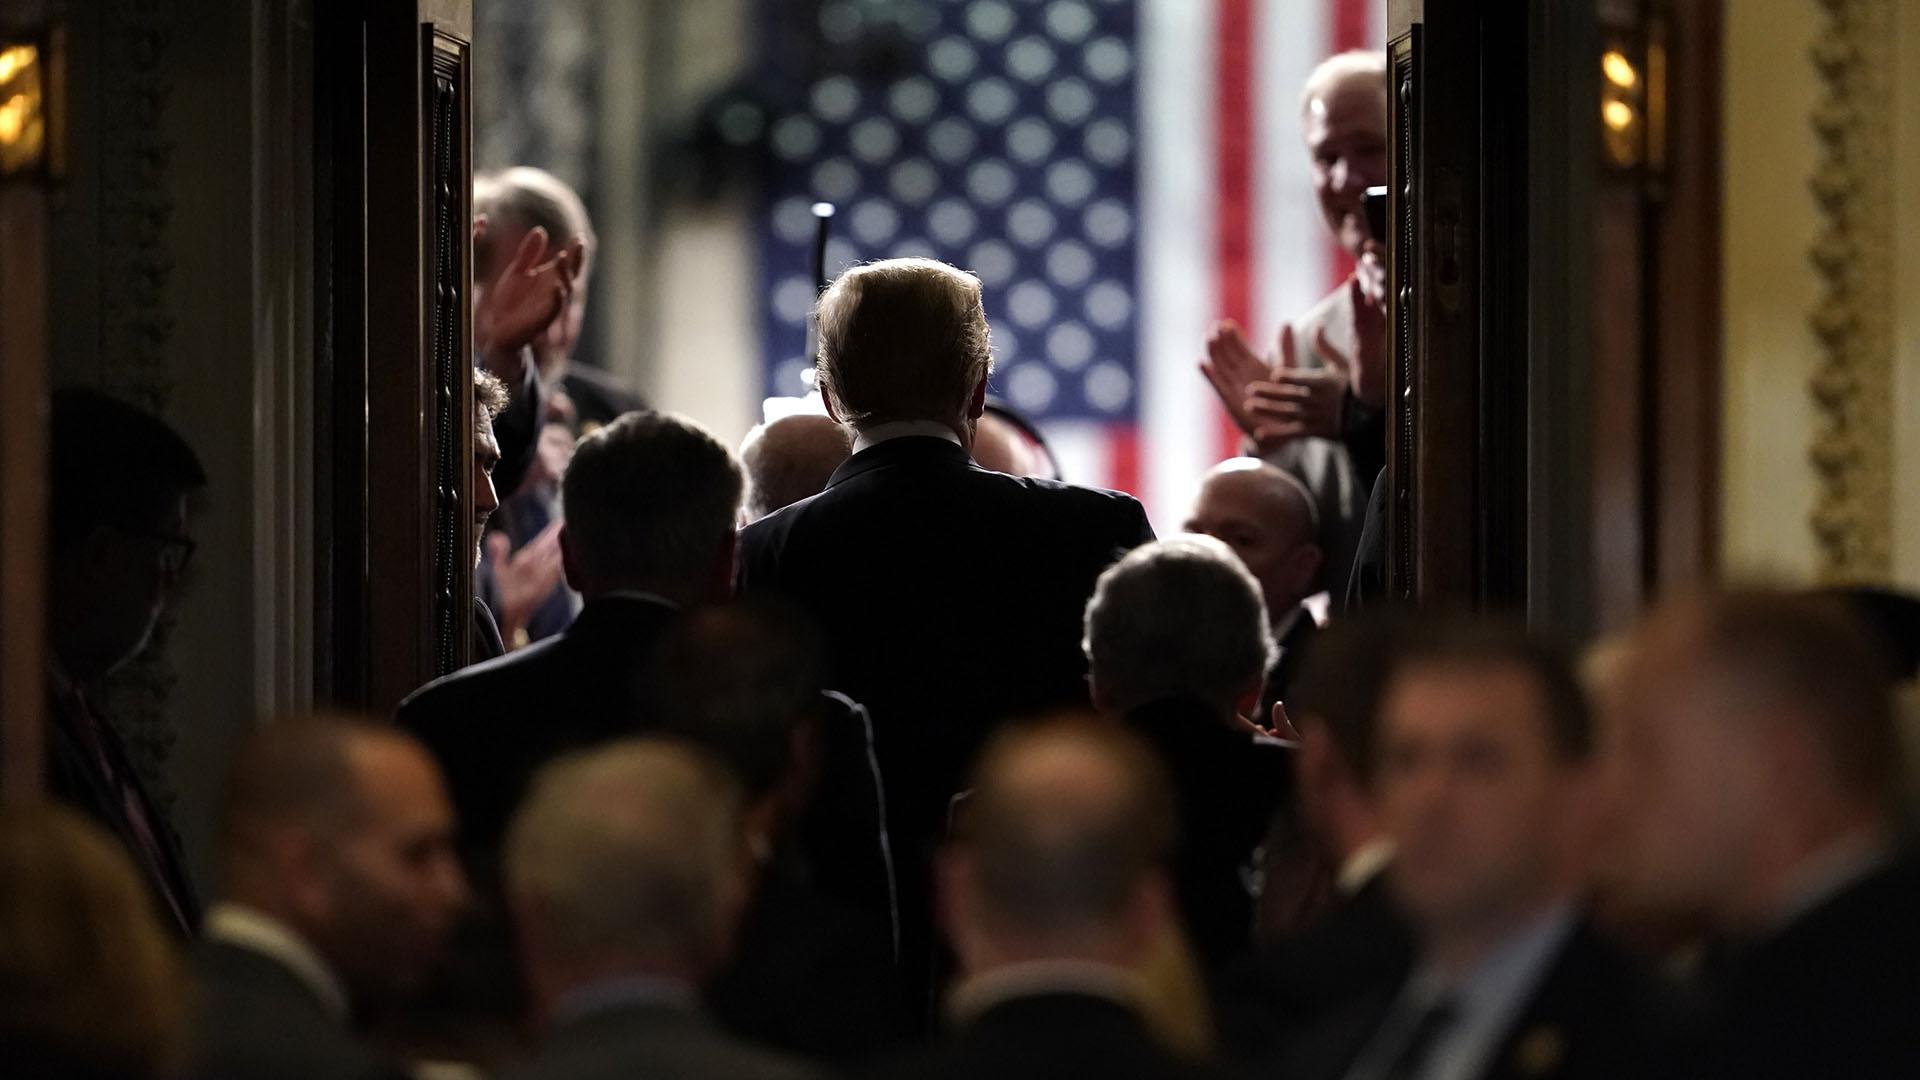 Donald Trump entrando el Congreso para el discurso del Estado de la Unión. (REUTERS/Joshua Roberts)